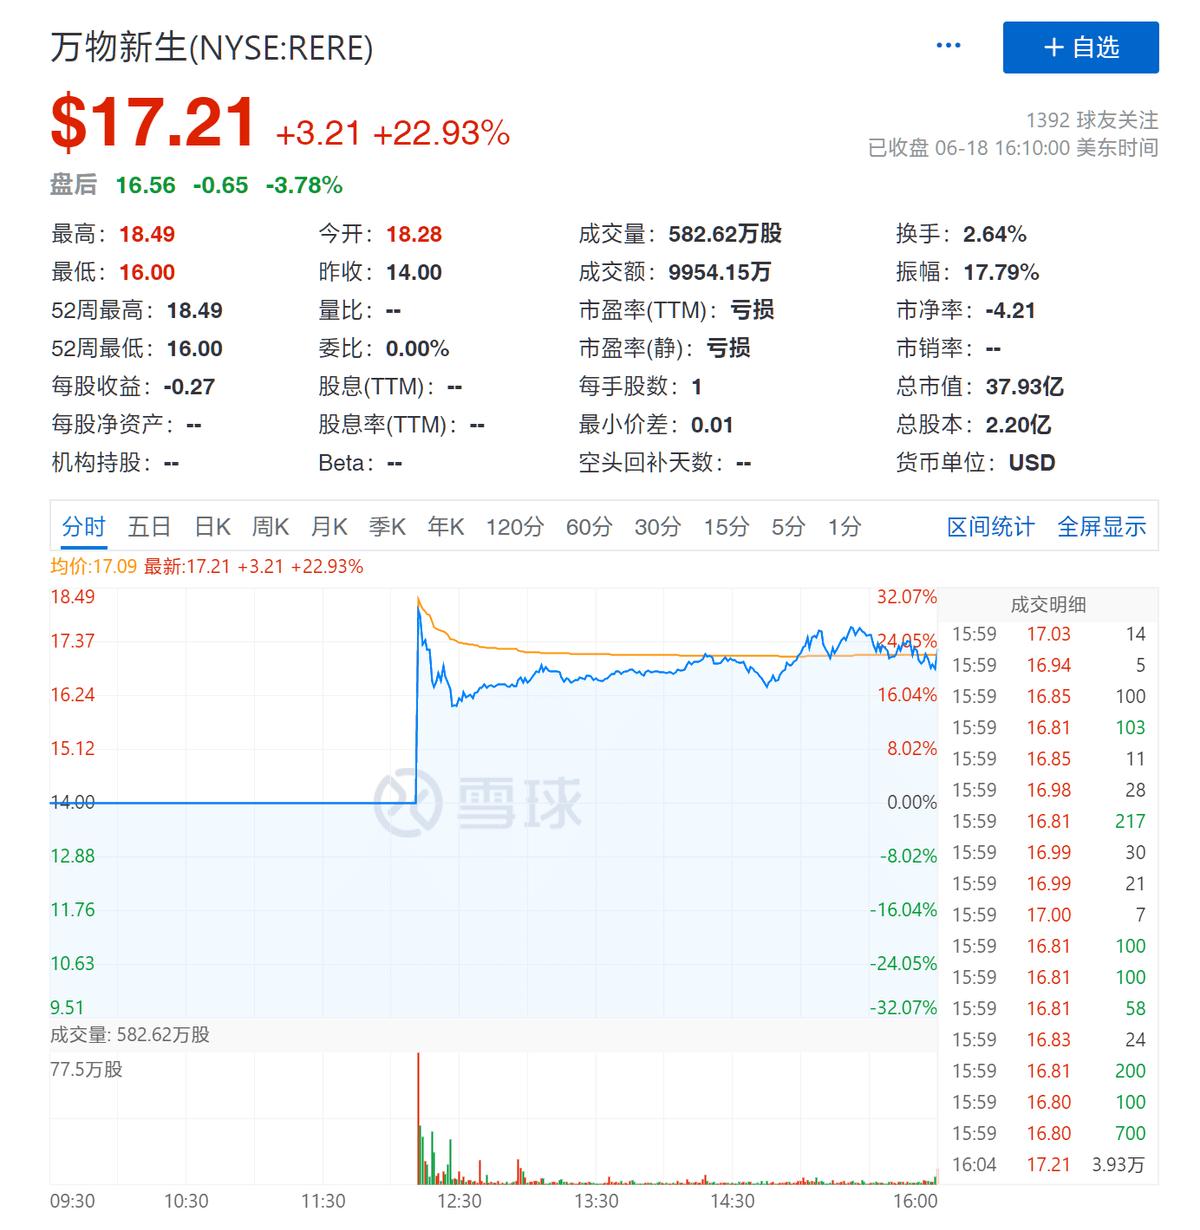 萬物新生正式登陸紐交所,中國二手交易頭號玩家怎樣攪動市場?_